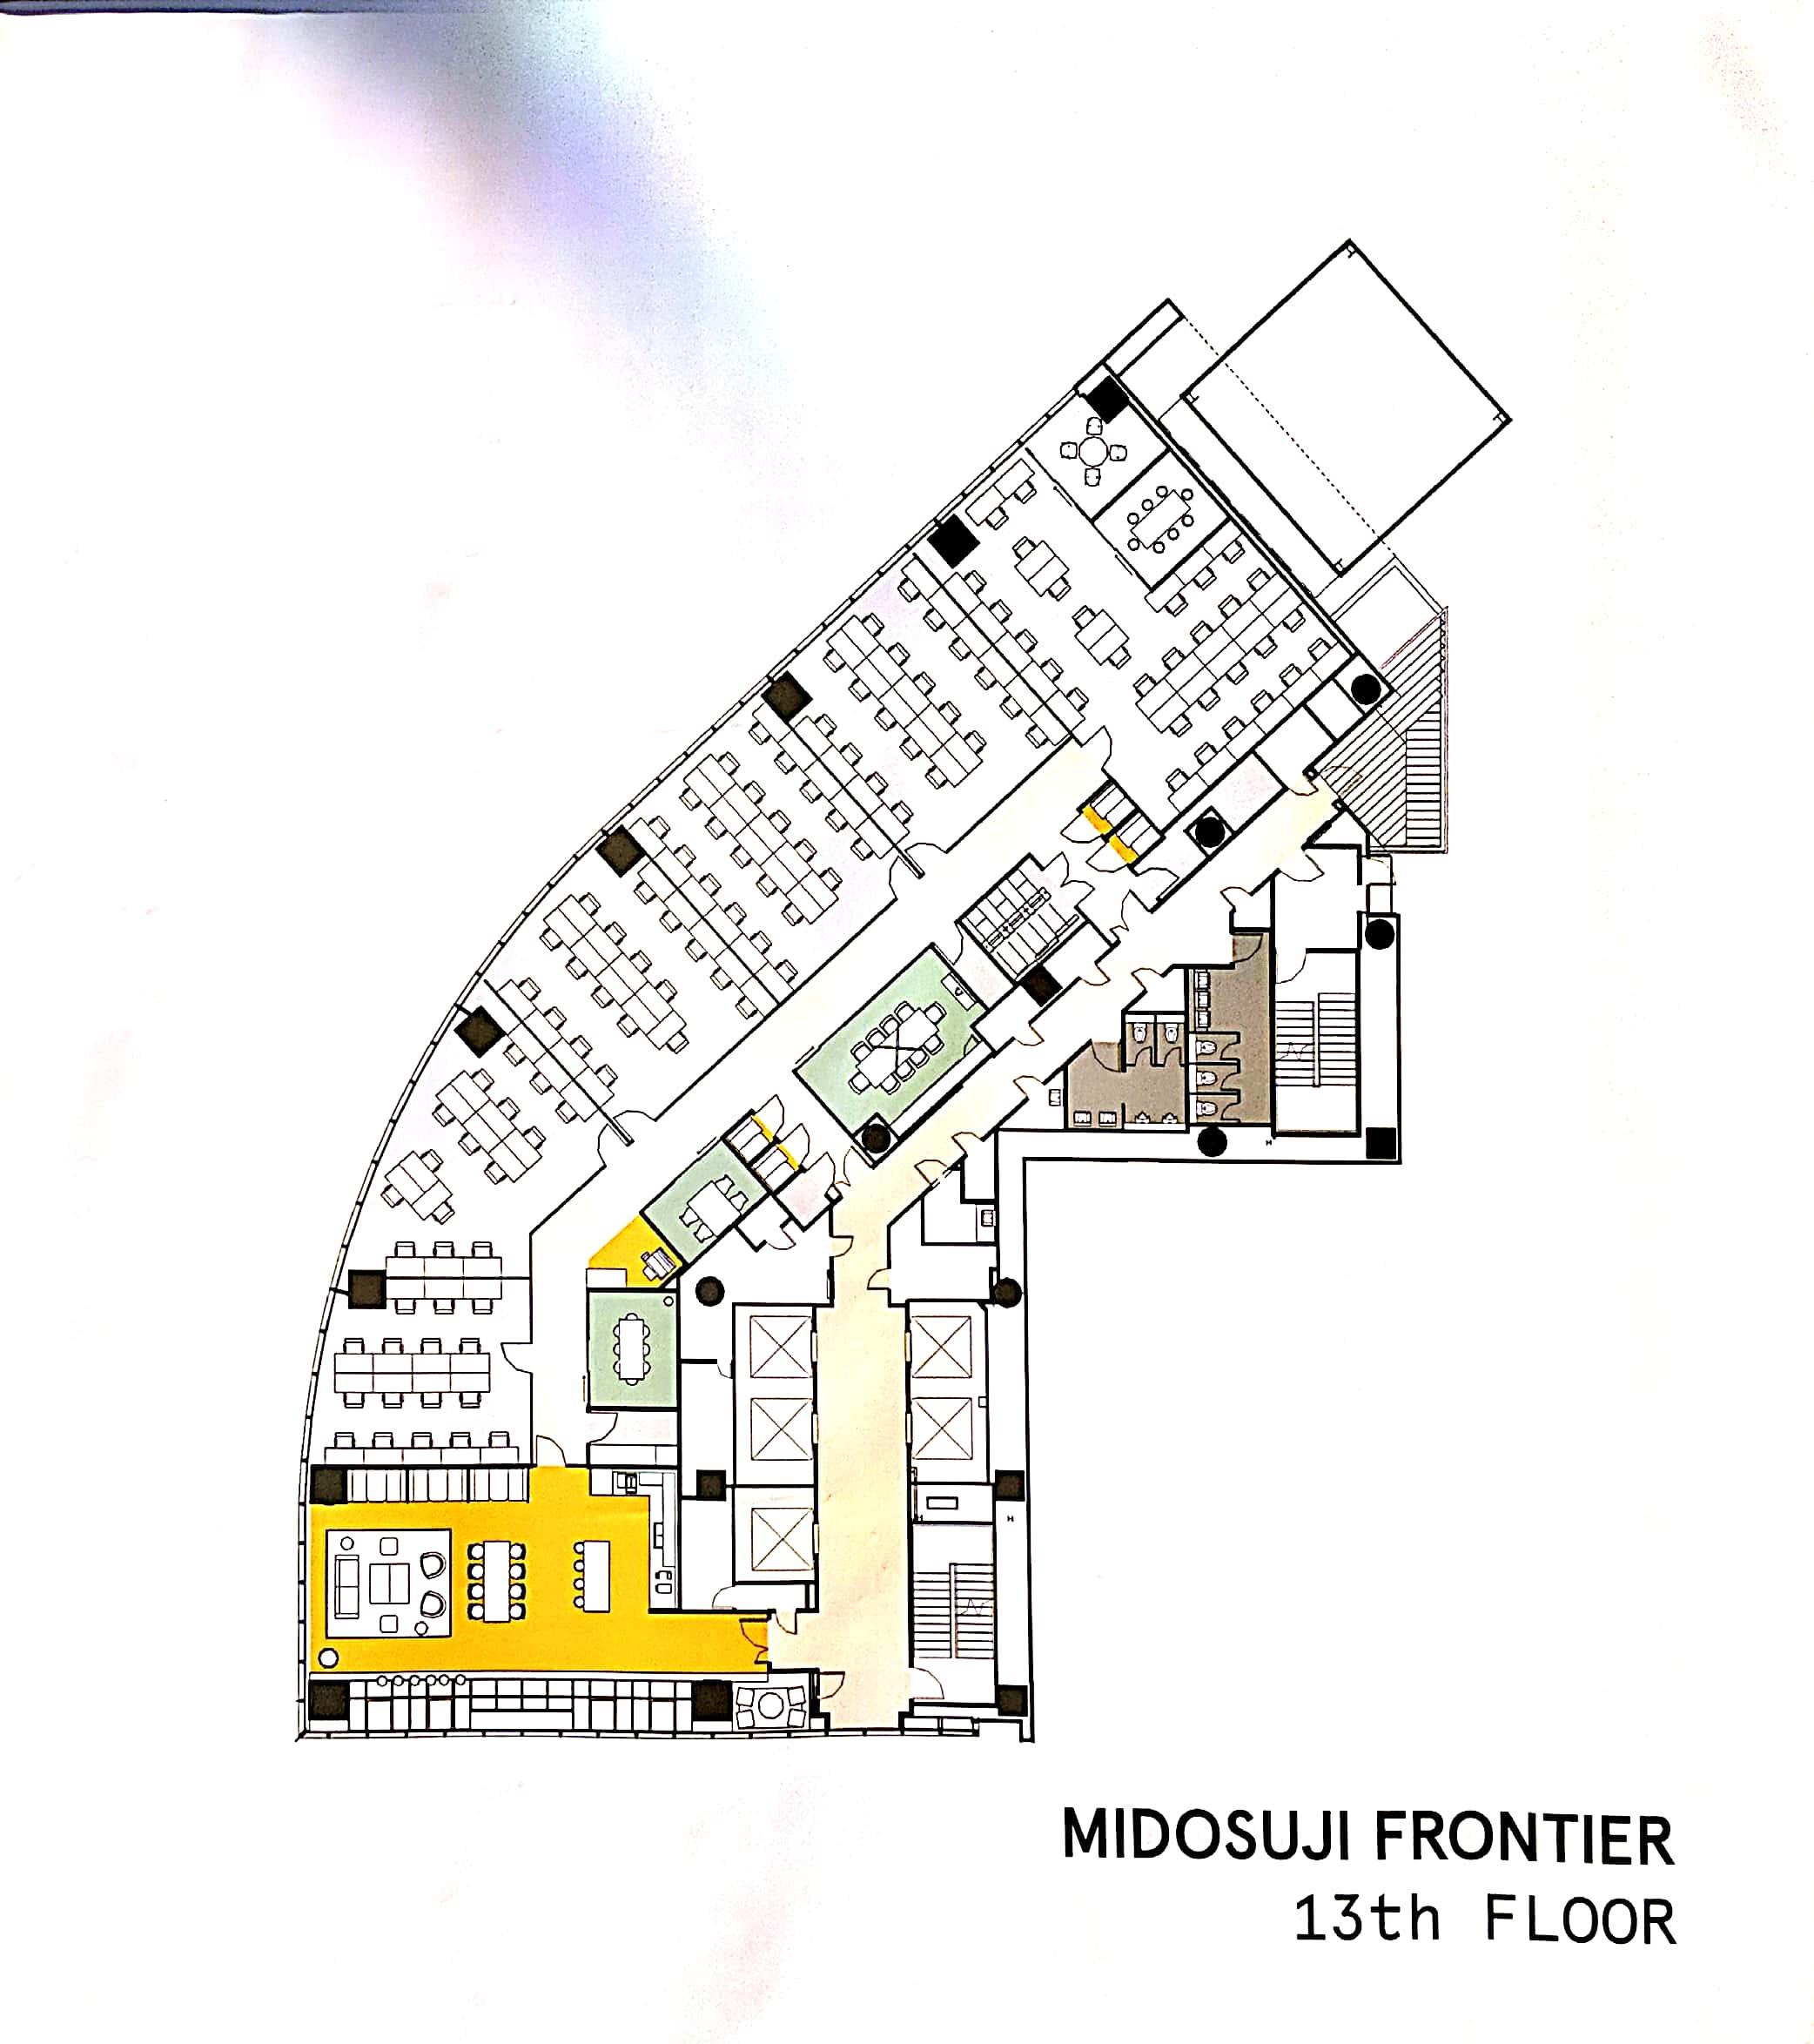 midosuji_frontier_13th_floor.jpg